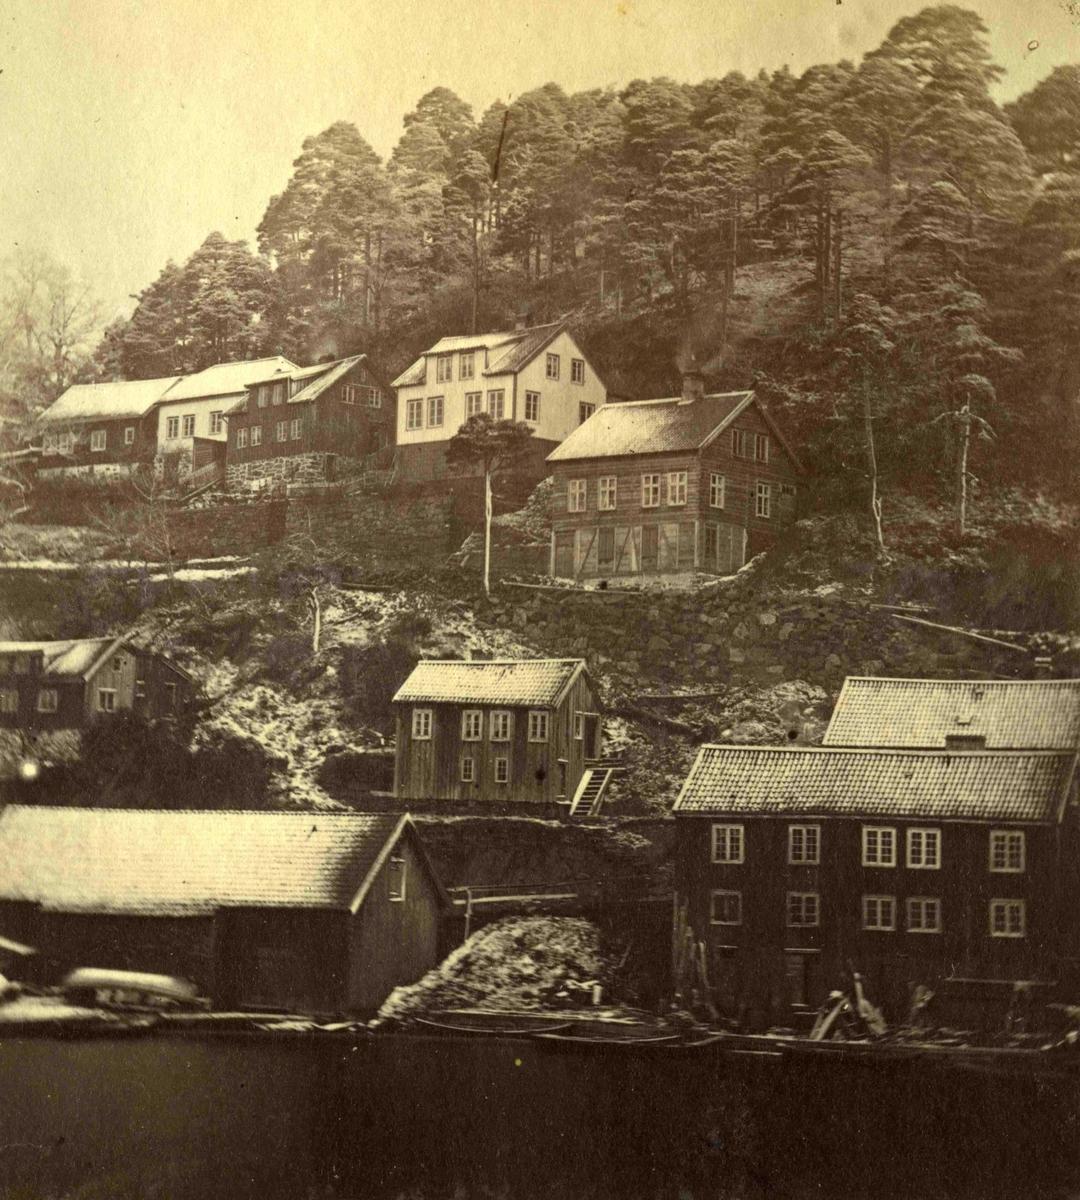 Arendal og omegn - Fra John Ditlef Fürst fotoalbum - Kittelsbukt  - AAks 44 - 4 - 7 - Bilde nummer 50